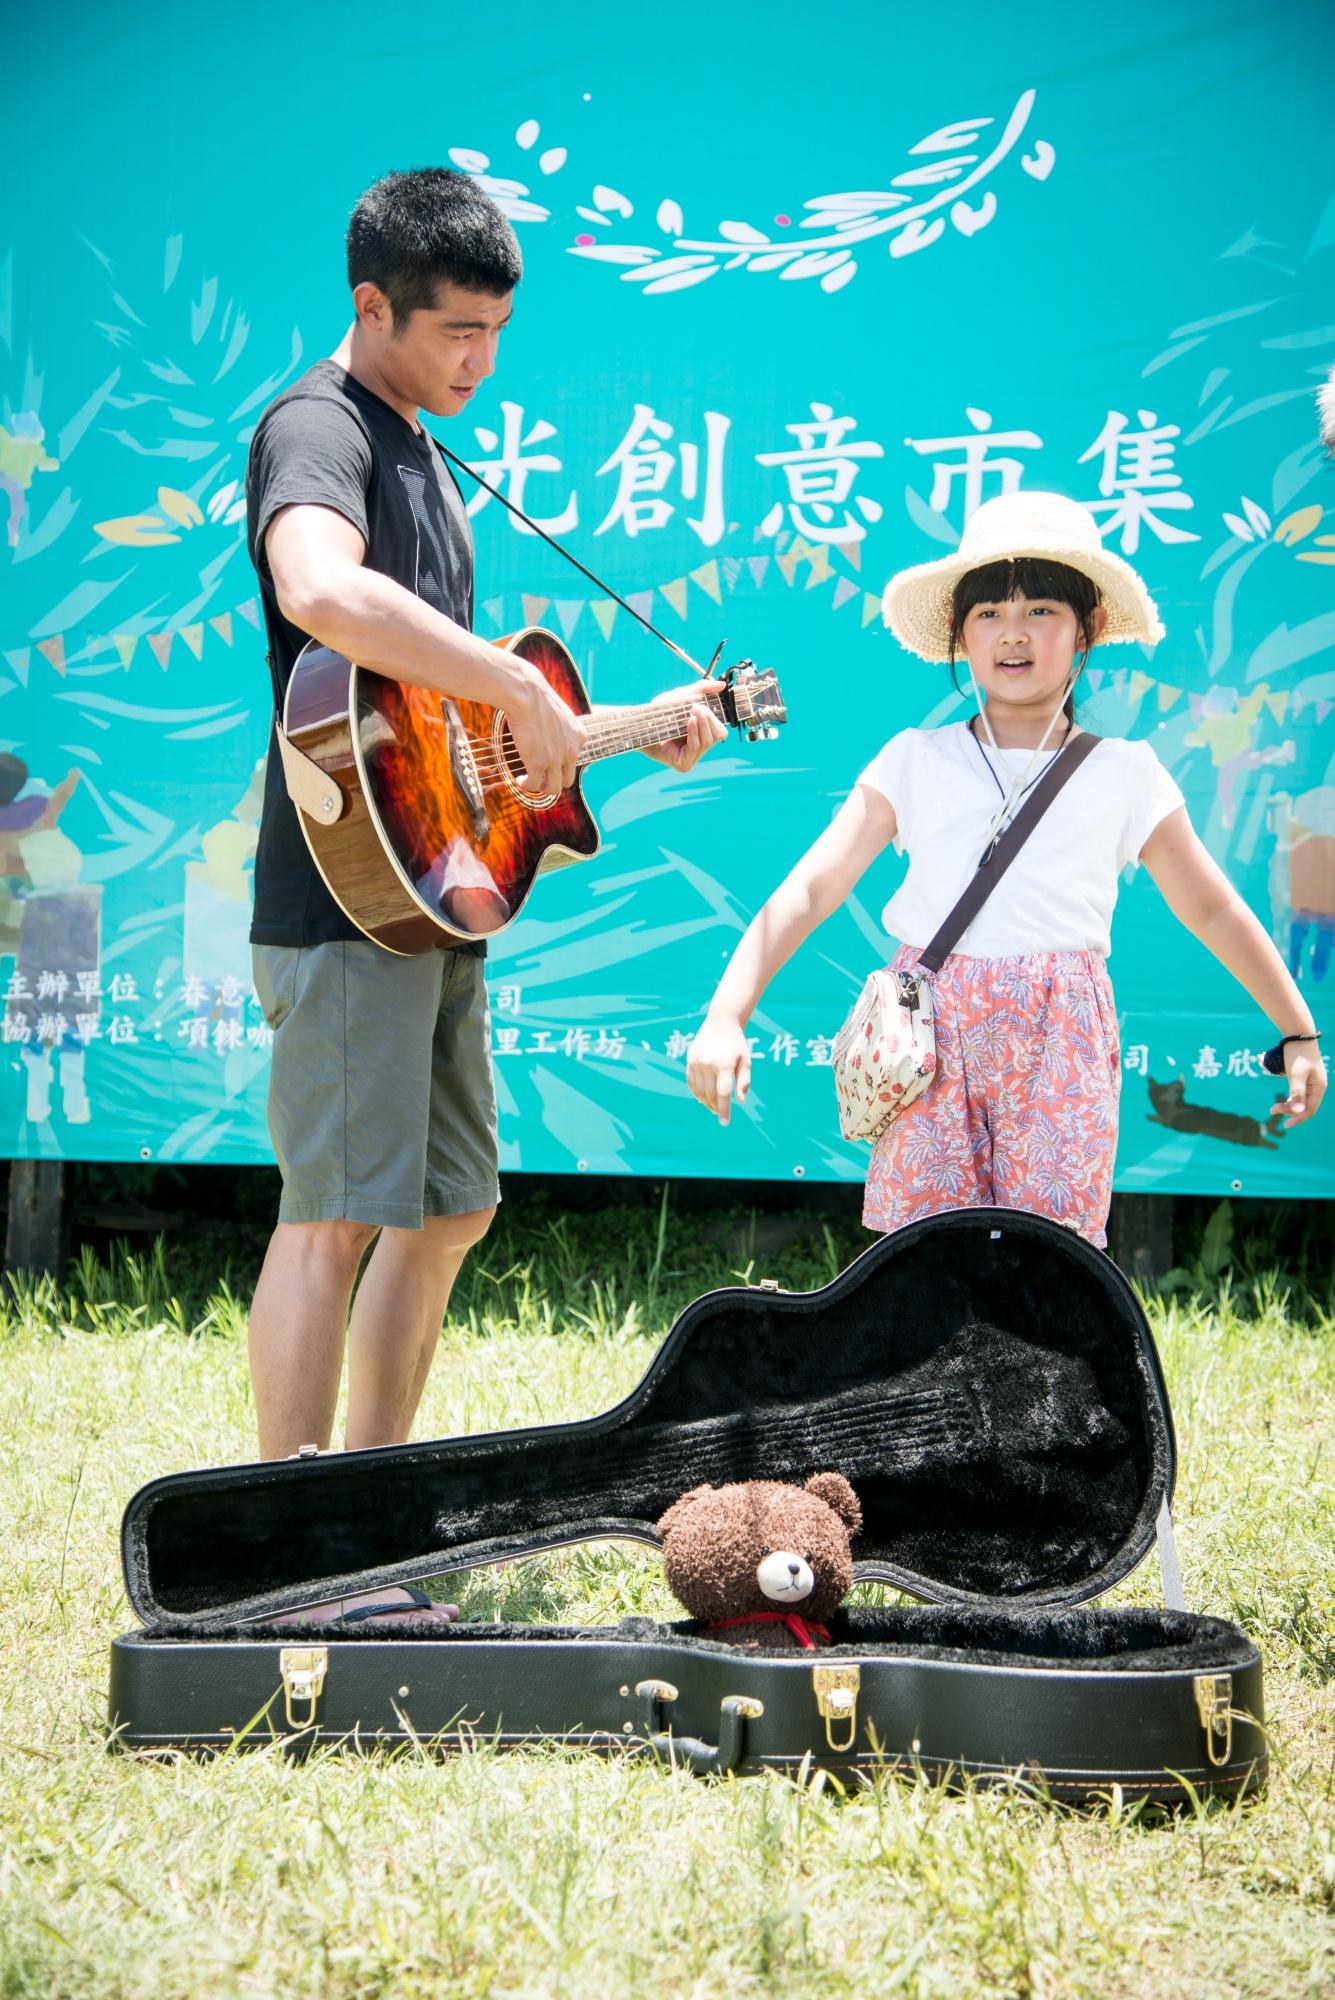 《絕世情歌》演員展現好歌喉 李毓芬王柏傑互嗆對方唱的的「噗噗通通」